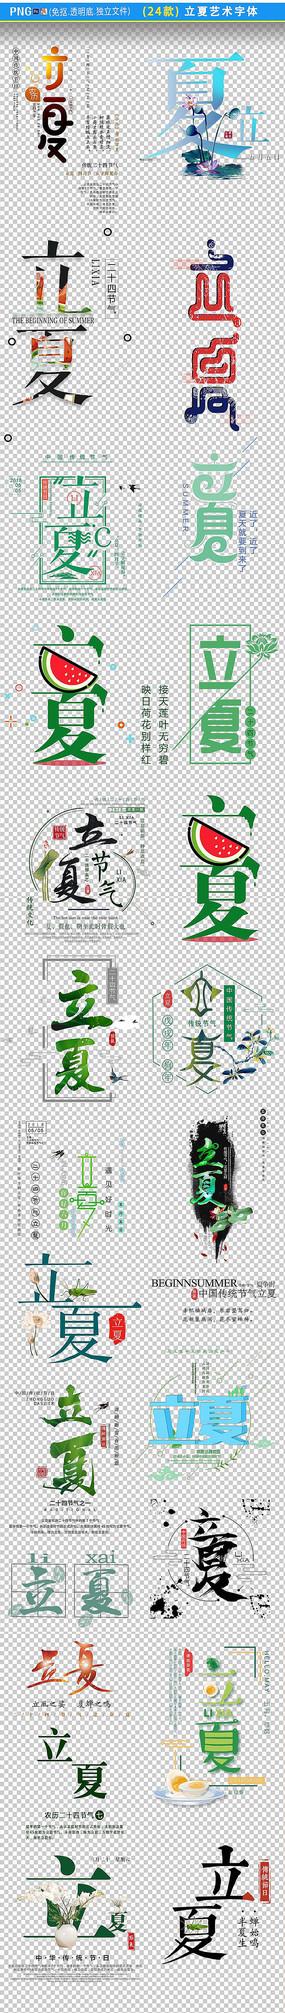 立夏艺术字体png素材